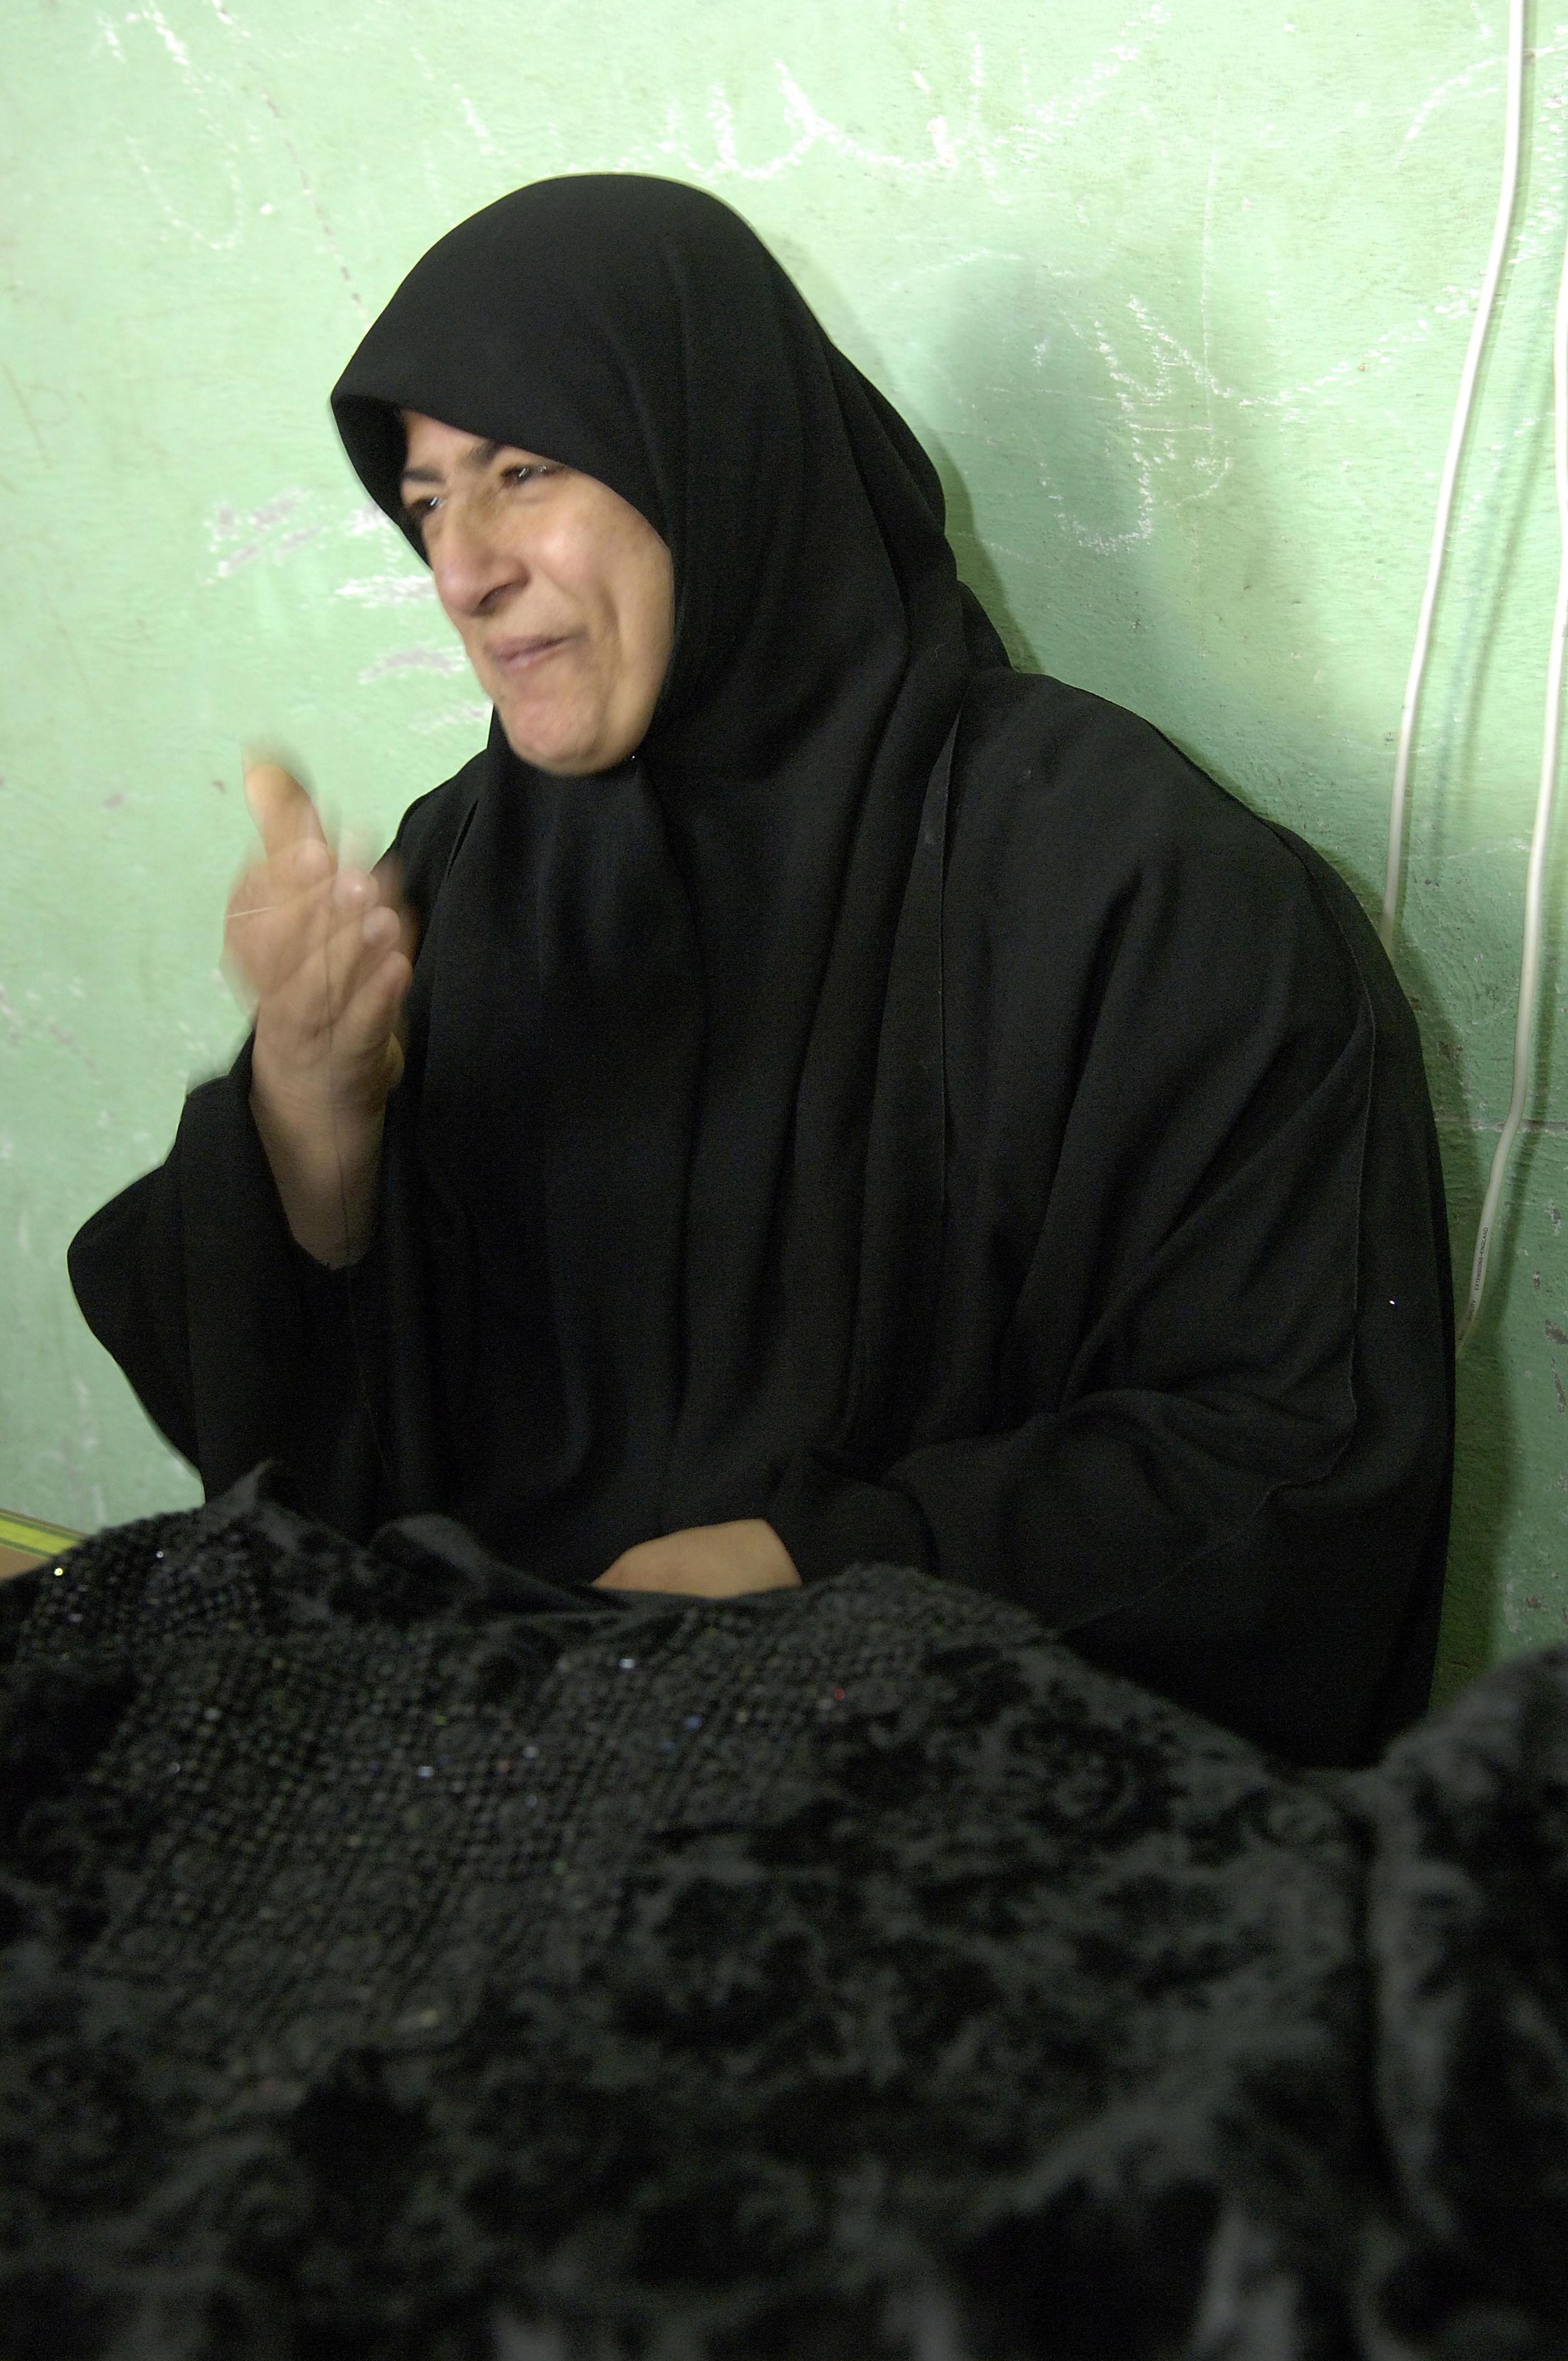 Basra Province